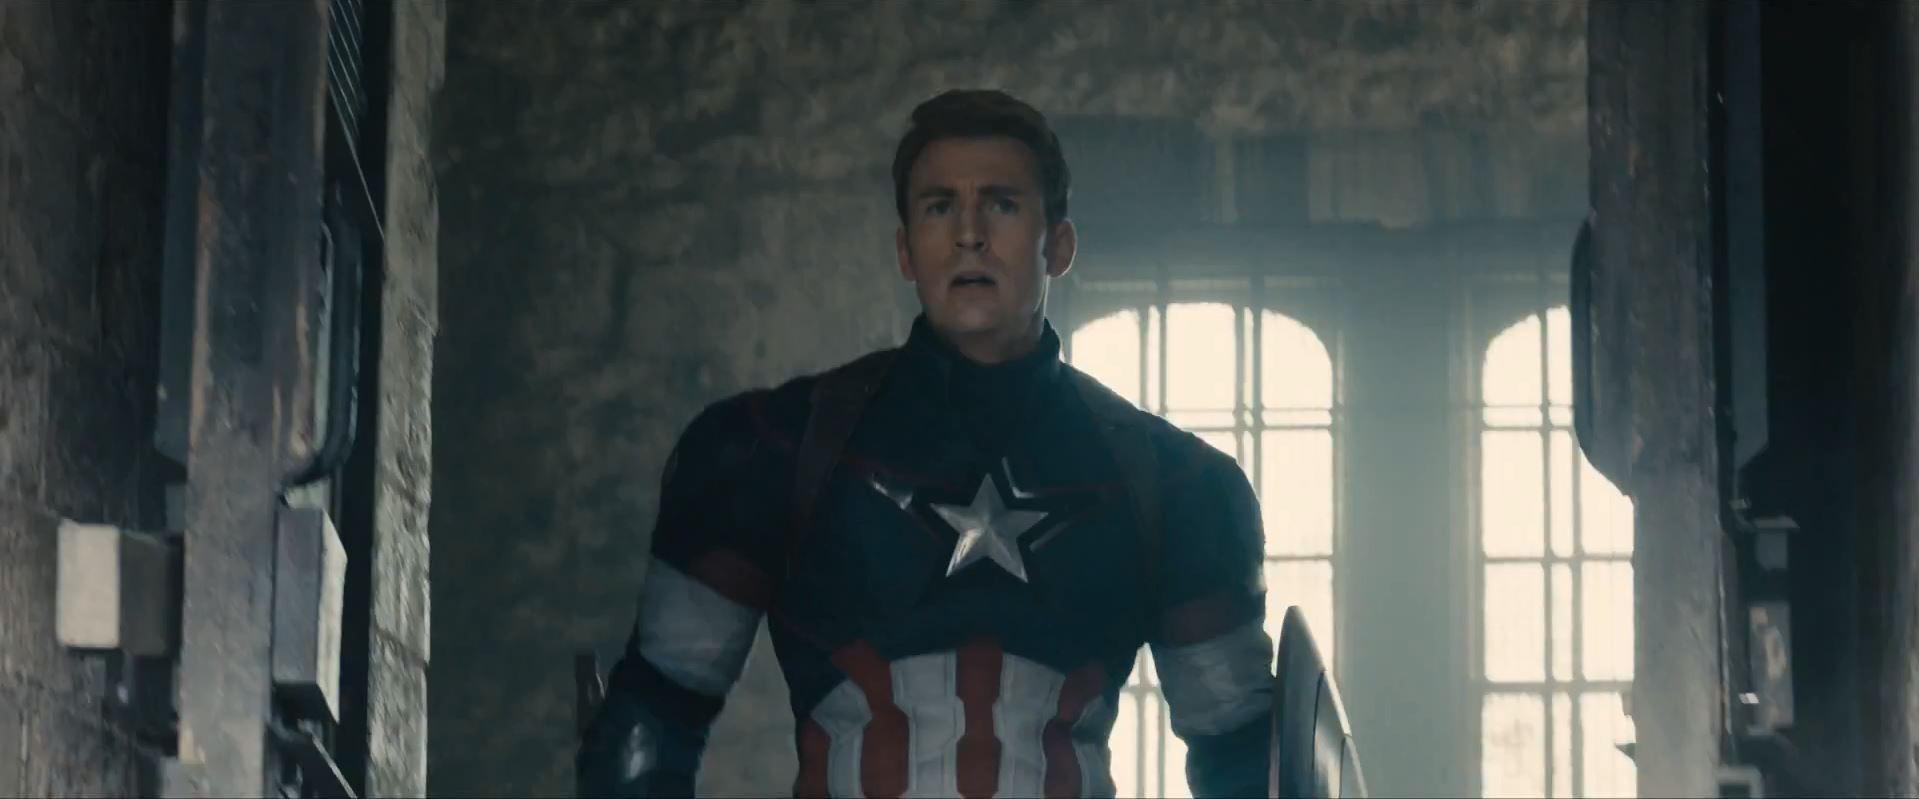 Avengers Age Of Ultron Trailer Released - Chris Evans as Steve Rogers Captain America